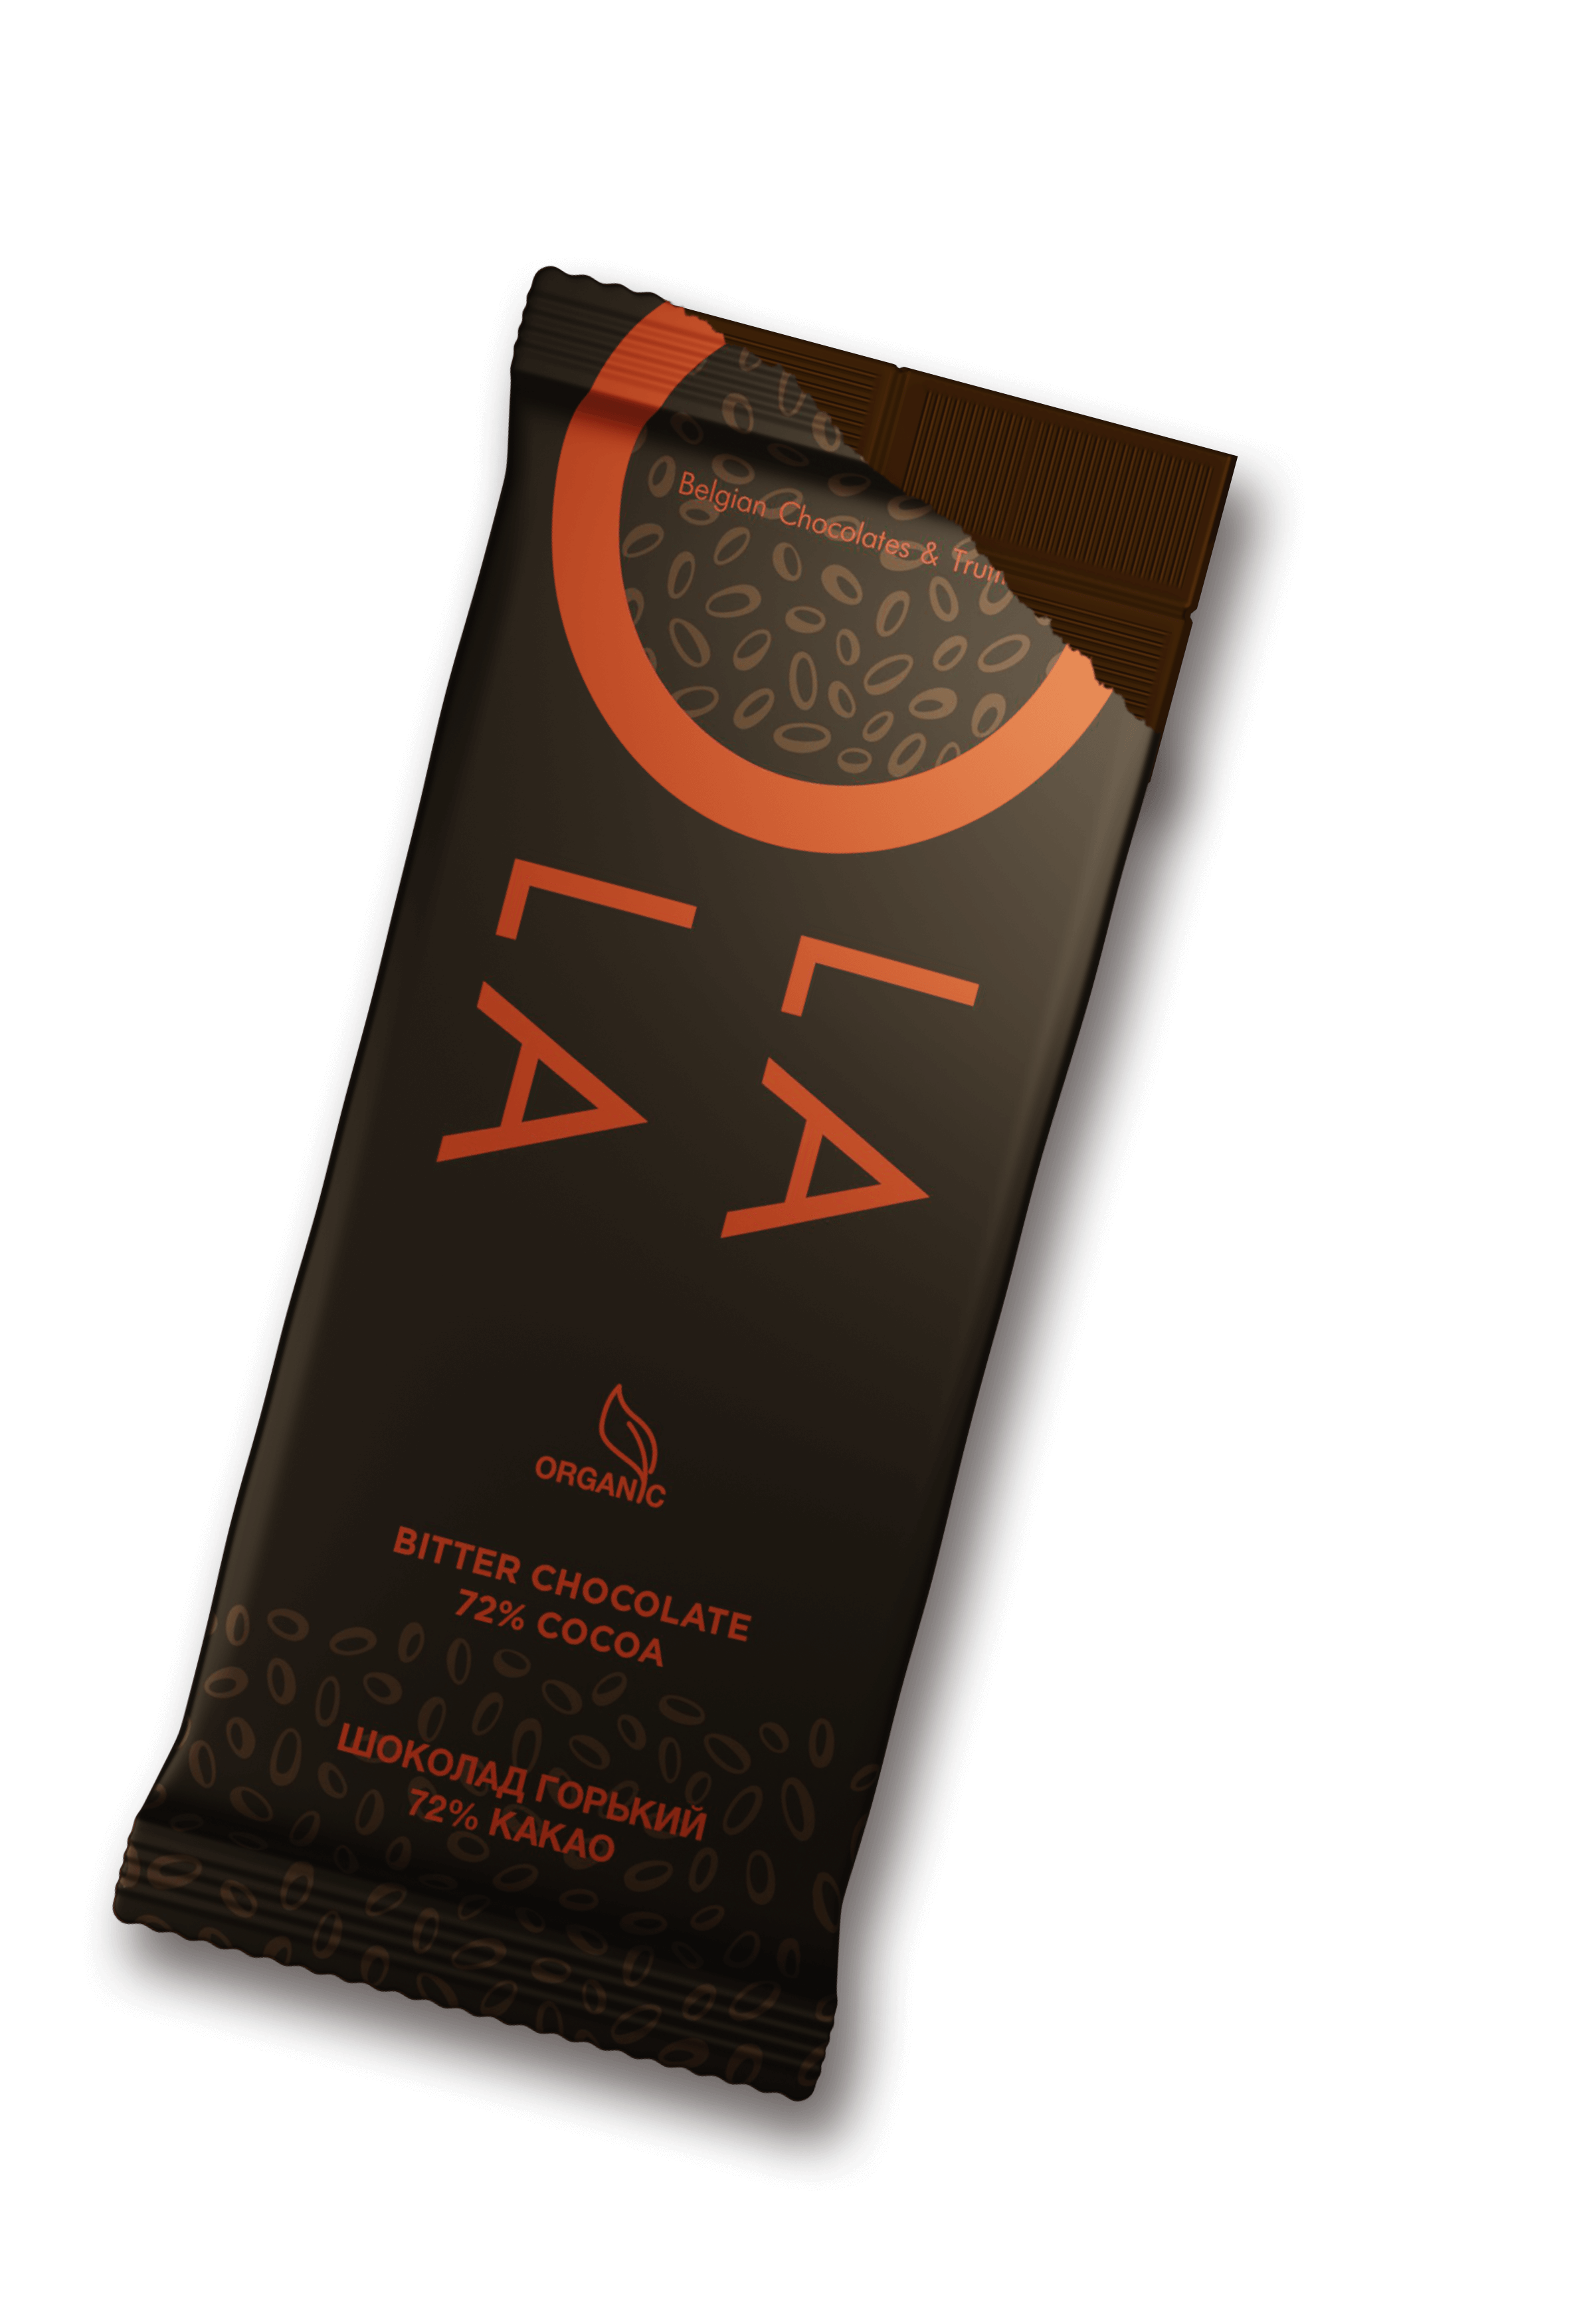 Bitter chocolate Belgostar O LA LA - cocoa